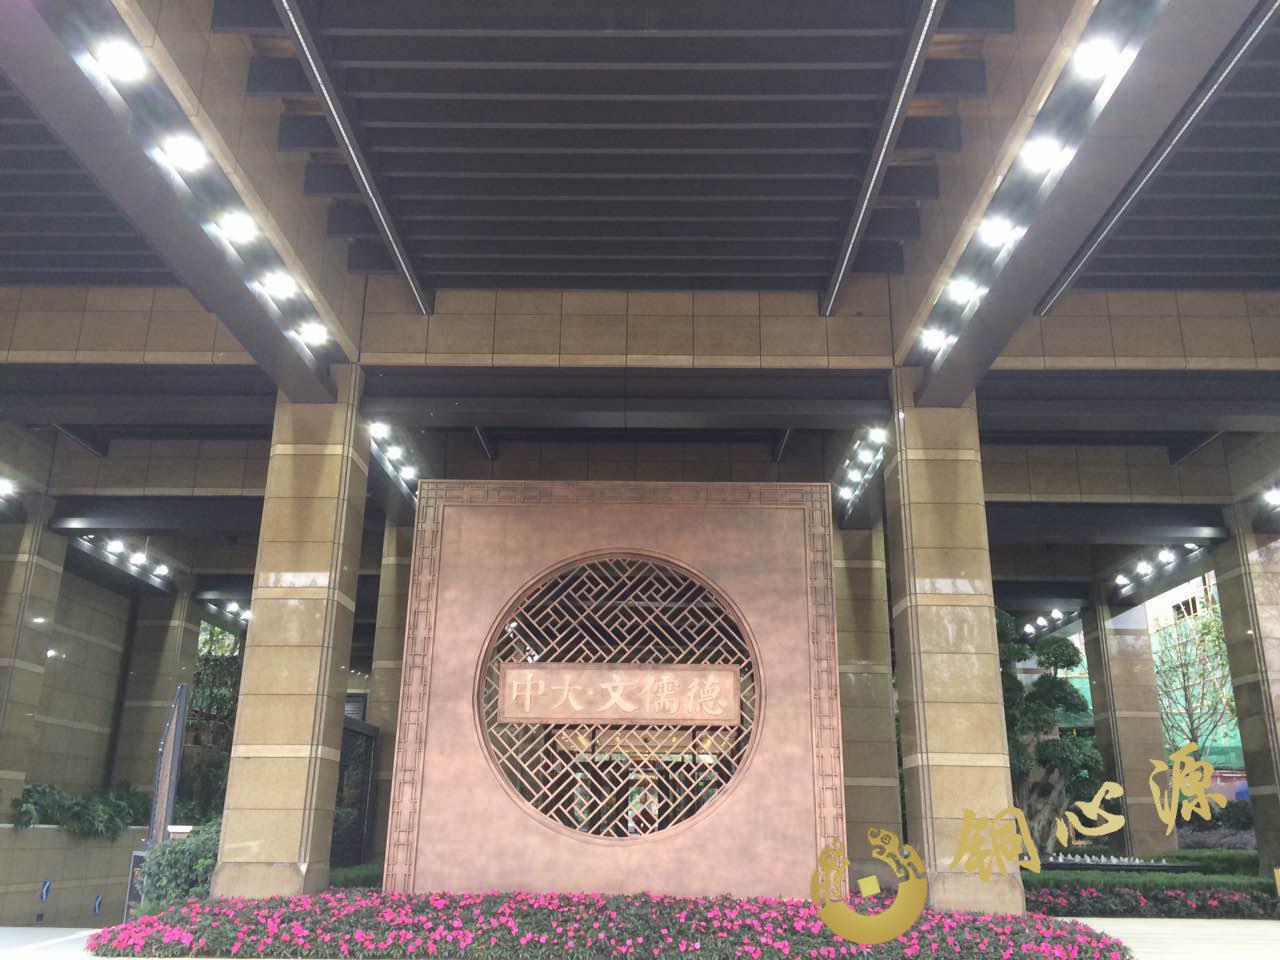 四川省成都中大-文儒德会所铜屏风工程